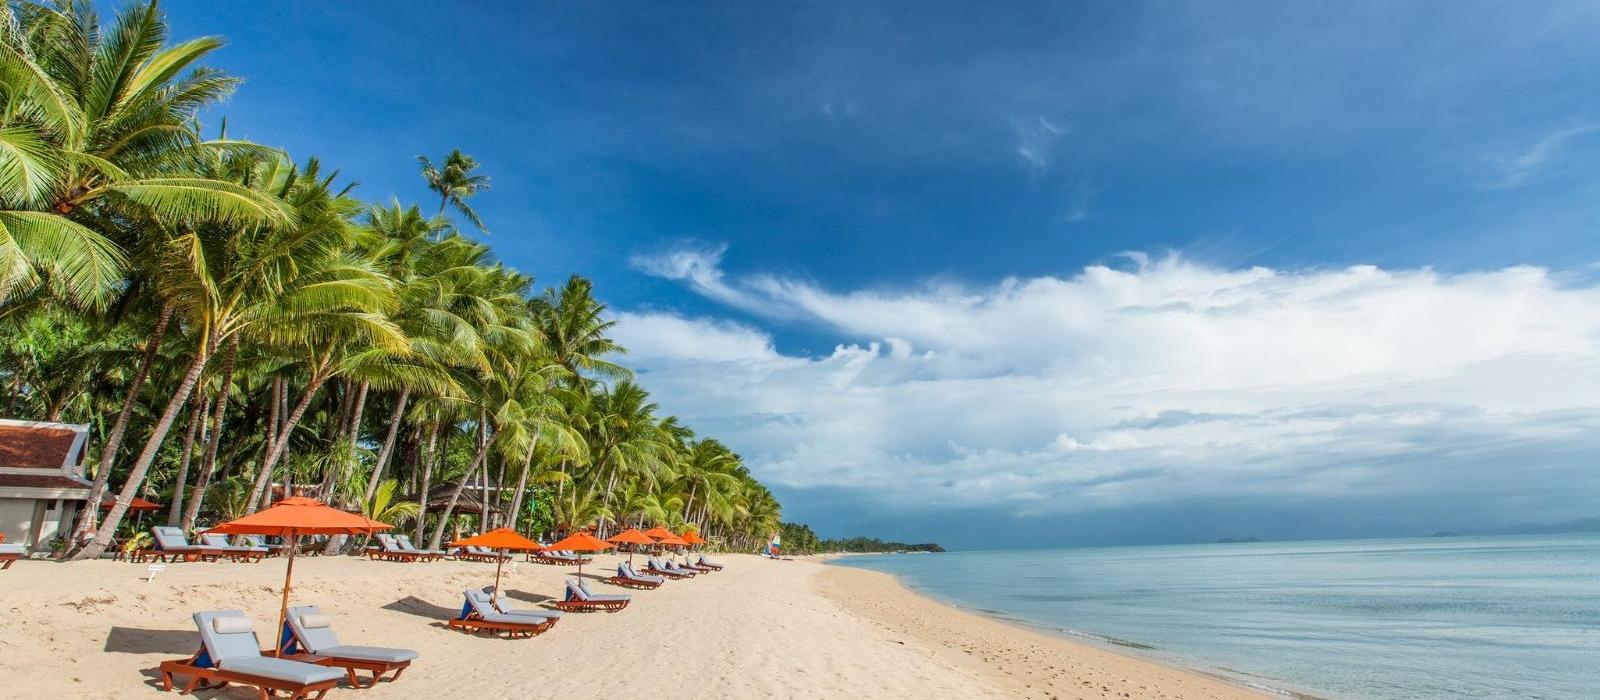 苏梅岛圣缇丽海滩度假水疗酒店(Santiburi Beach Resort and Spa) 图片  www.lhw.cn